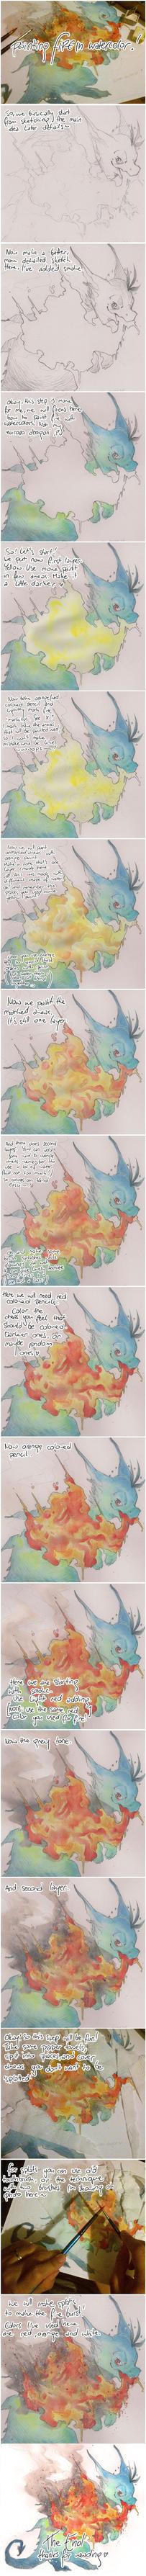 watercolor fire walkthrough by SZOPISKO